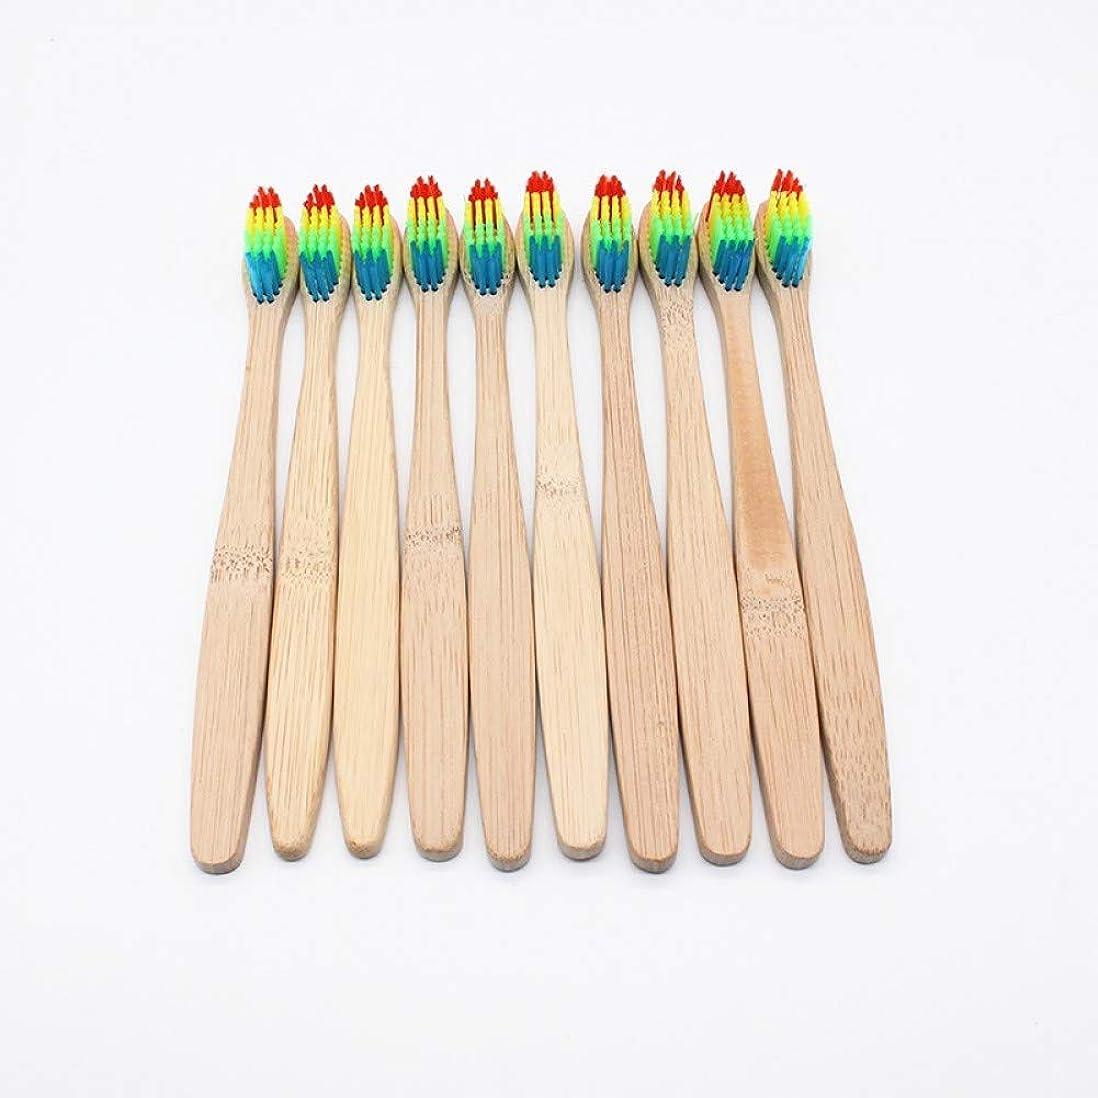 歩道強います結果10ピース環境に優しい木製歯ブラシ竹歯ブラシ柔らかい竹繊維木製ハンドル低炭素大人、虹